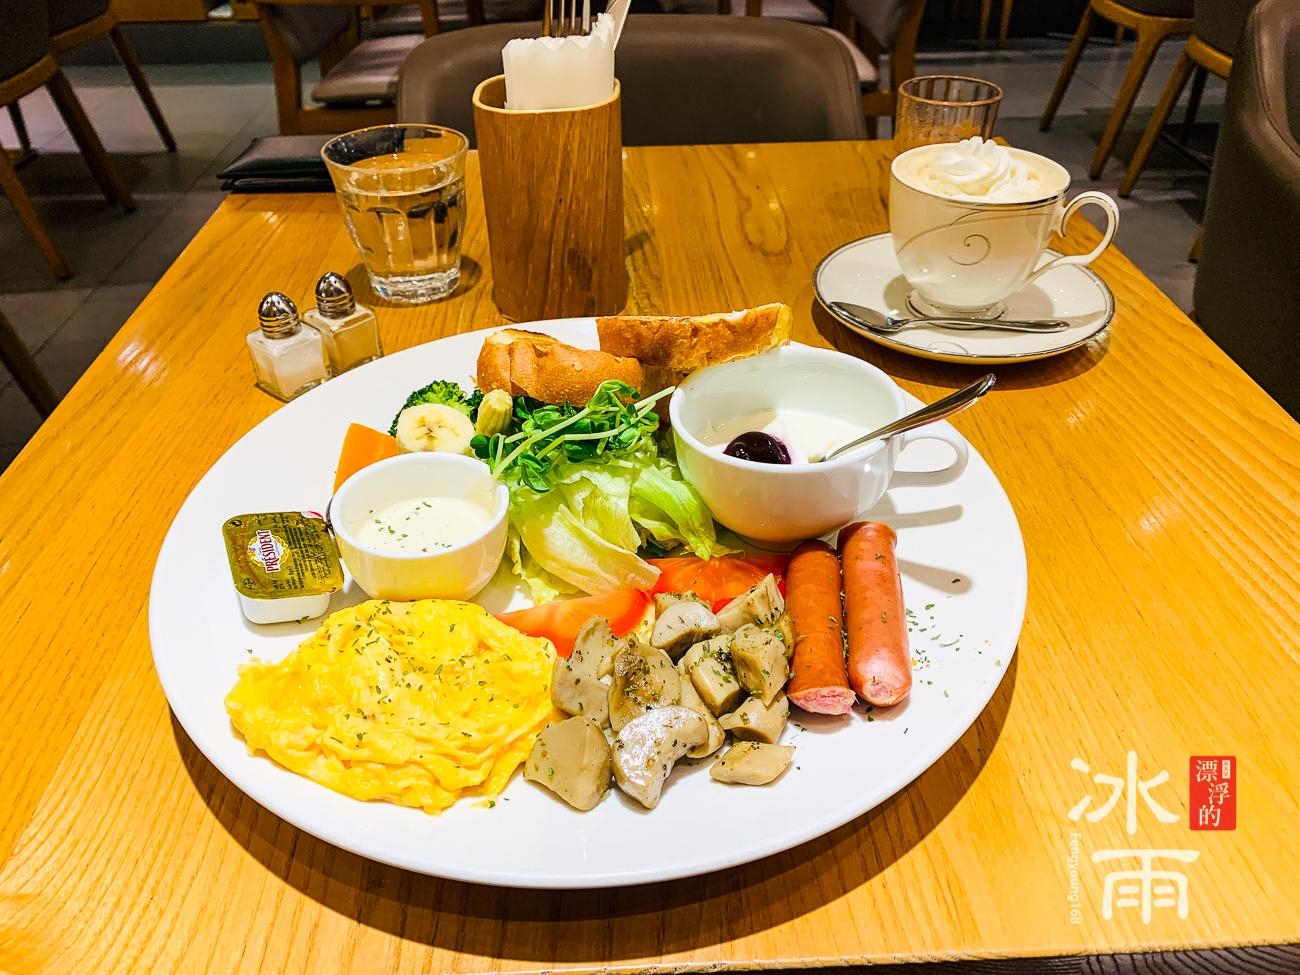 佐曼咖啡Jumane Cafe|早午餐